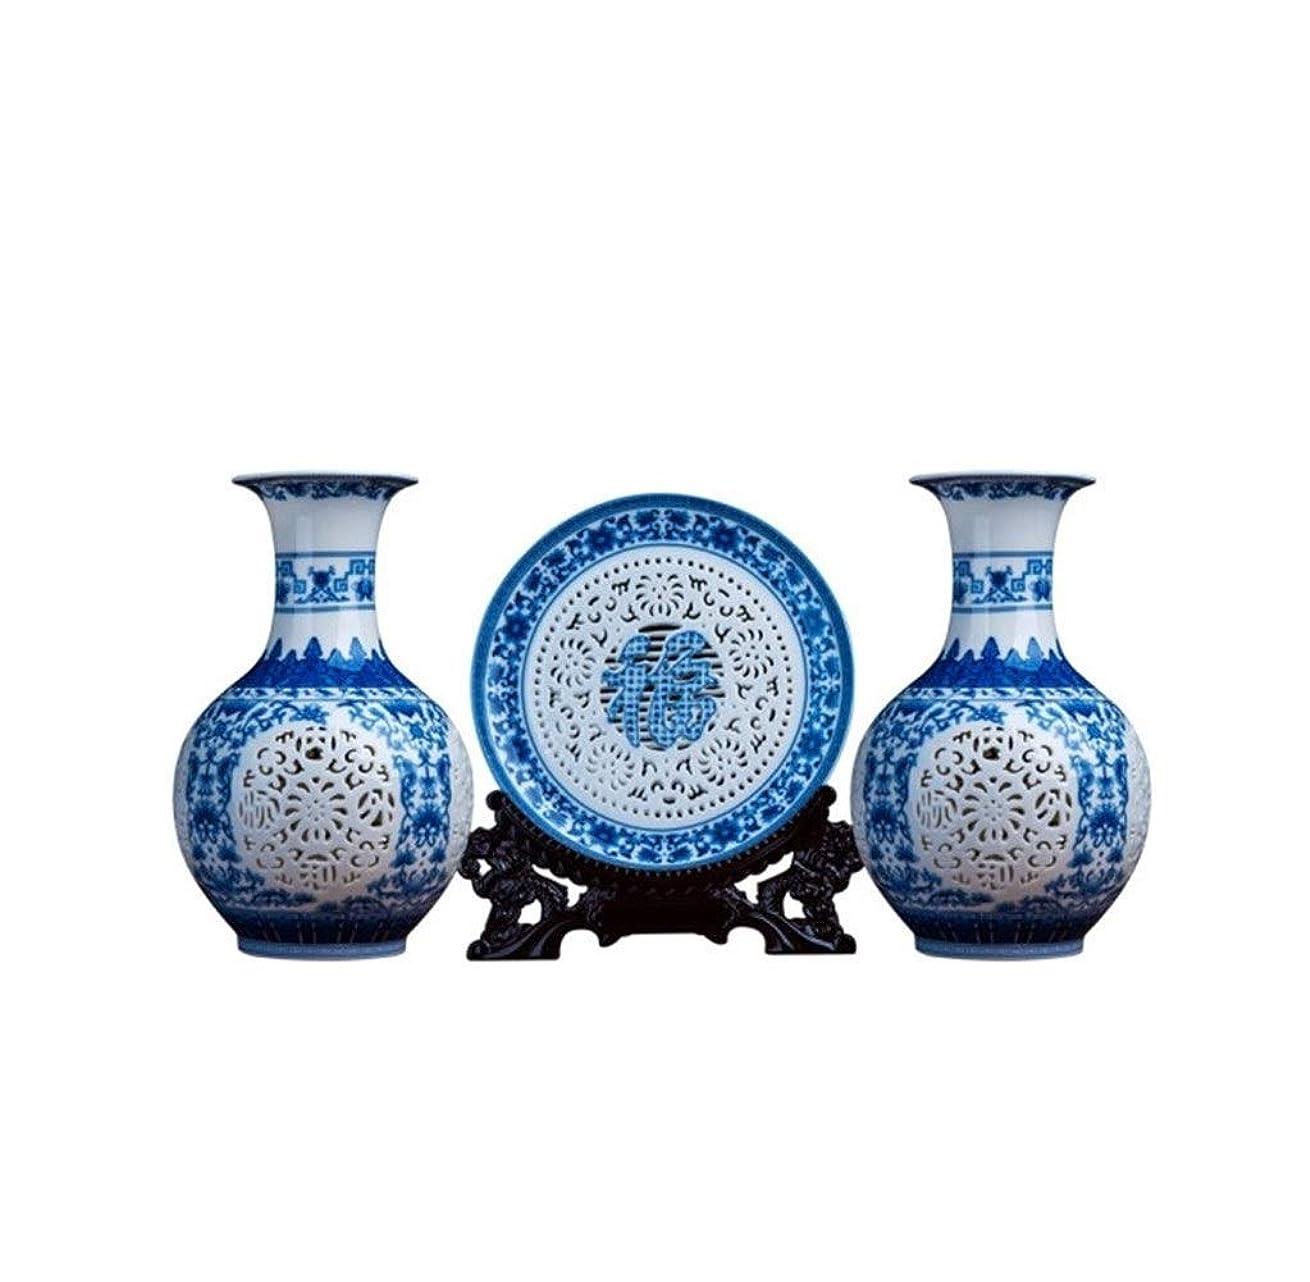 核潜む論争SBJG 景徳鎮セラミック中空花瓶装飾、リビングルームスリーピース装飾工芸品、中国の家のワインキャビネットポーチフラワーインサート、青と白の風の尾瓶スリーピース